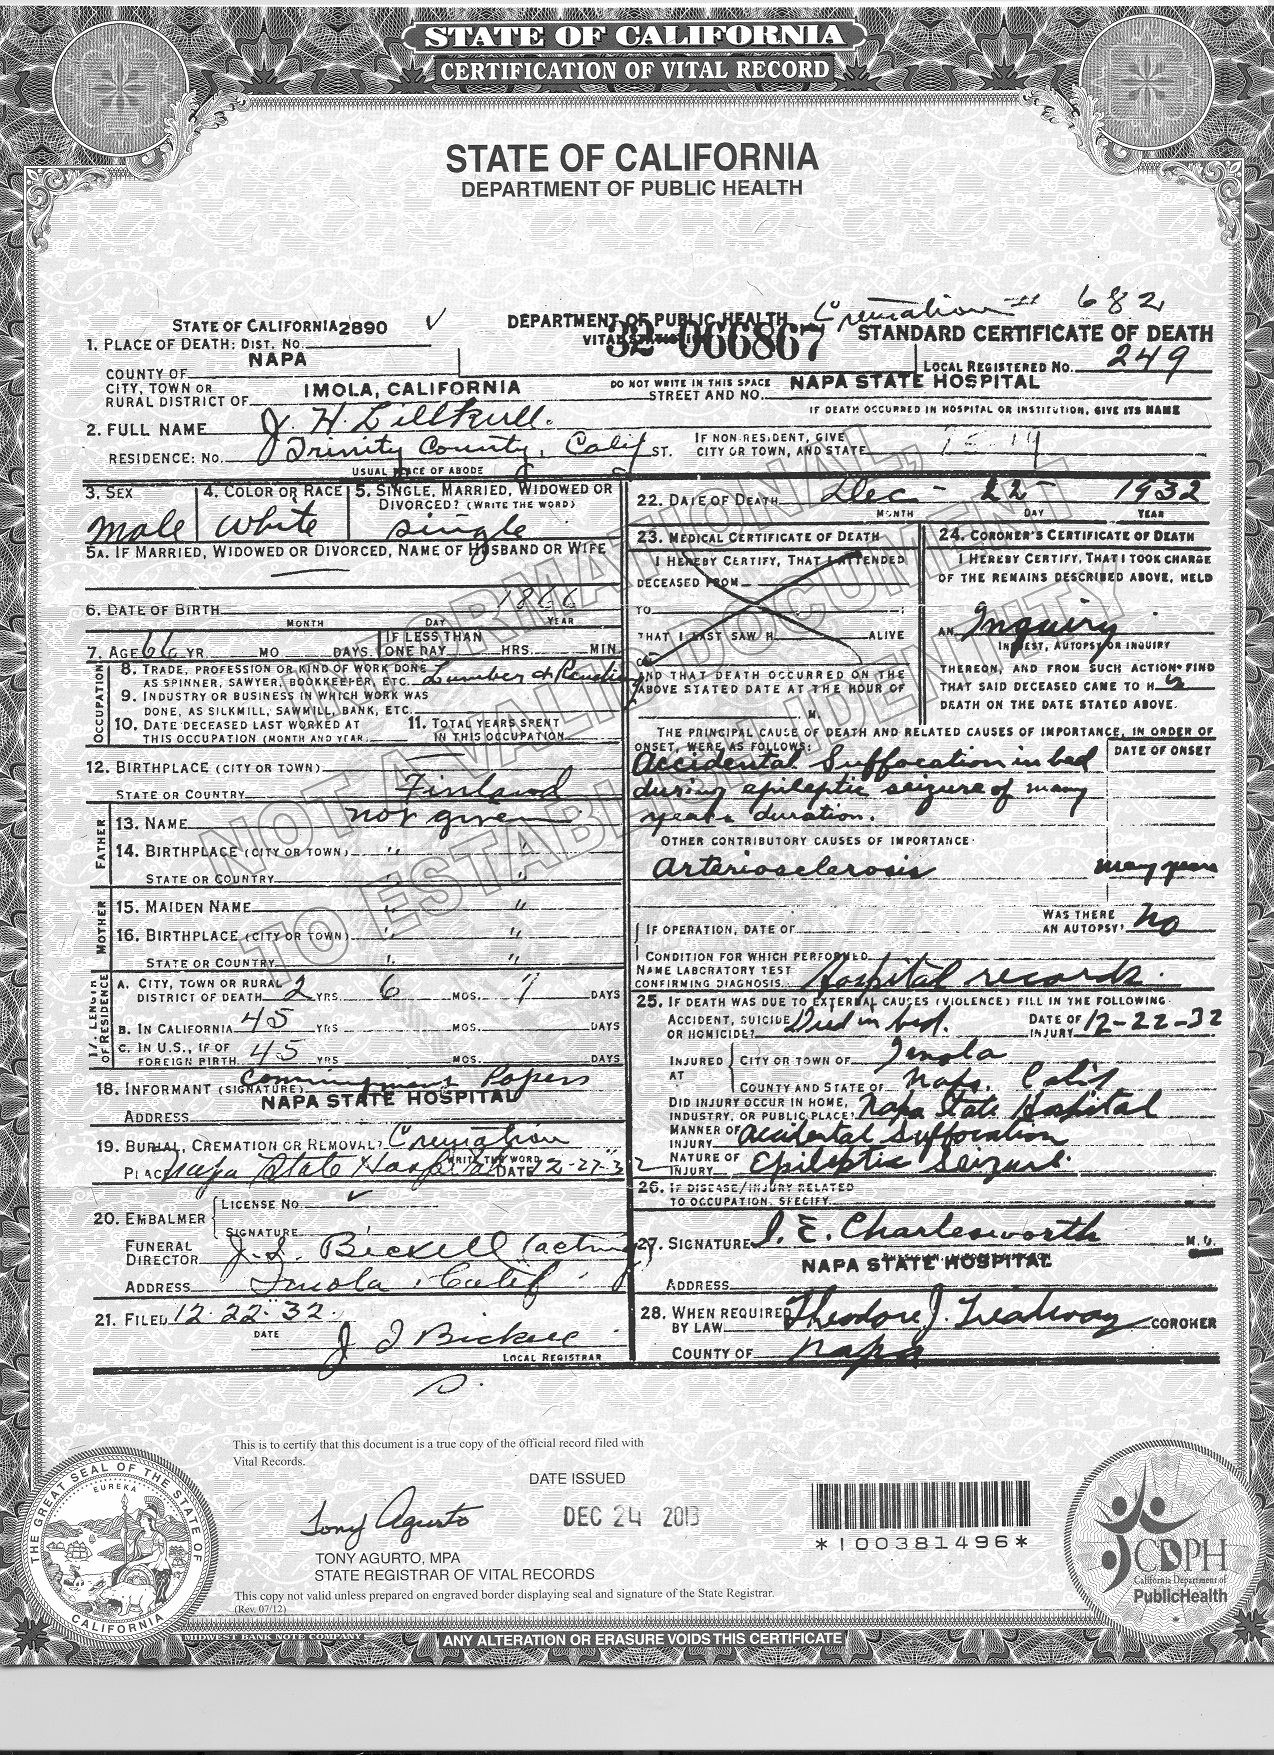 I denna dödsattest står det att Josef dog ogift på Napa State Hospital den 22 december 1932. Ett händelserikt liv var till ända och han dog utan arvingar.